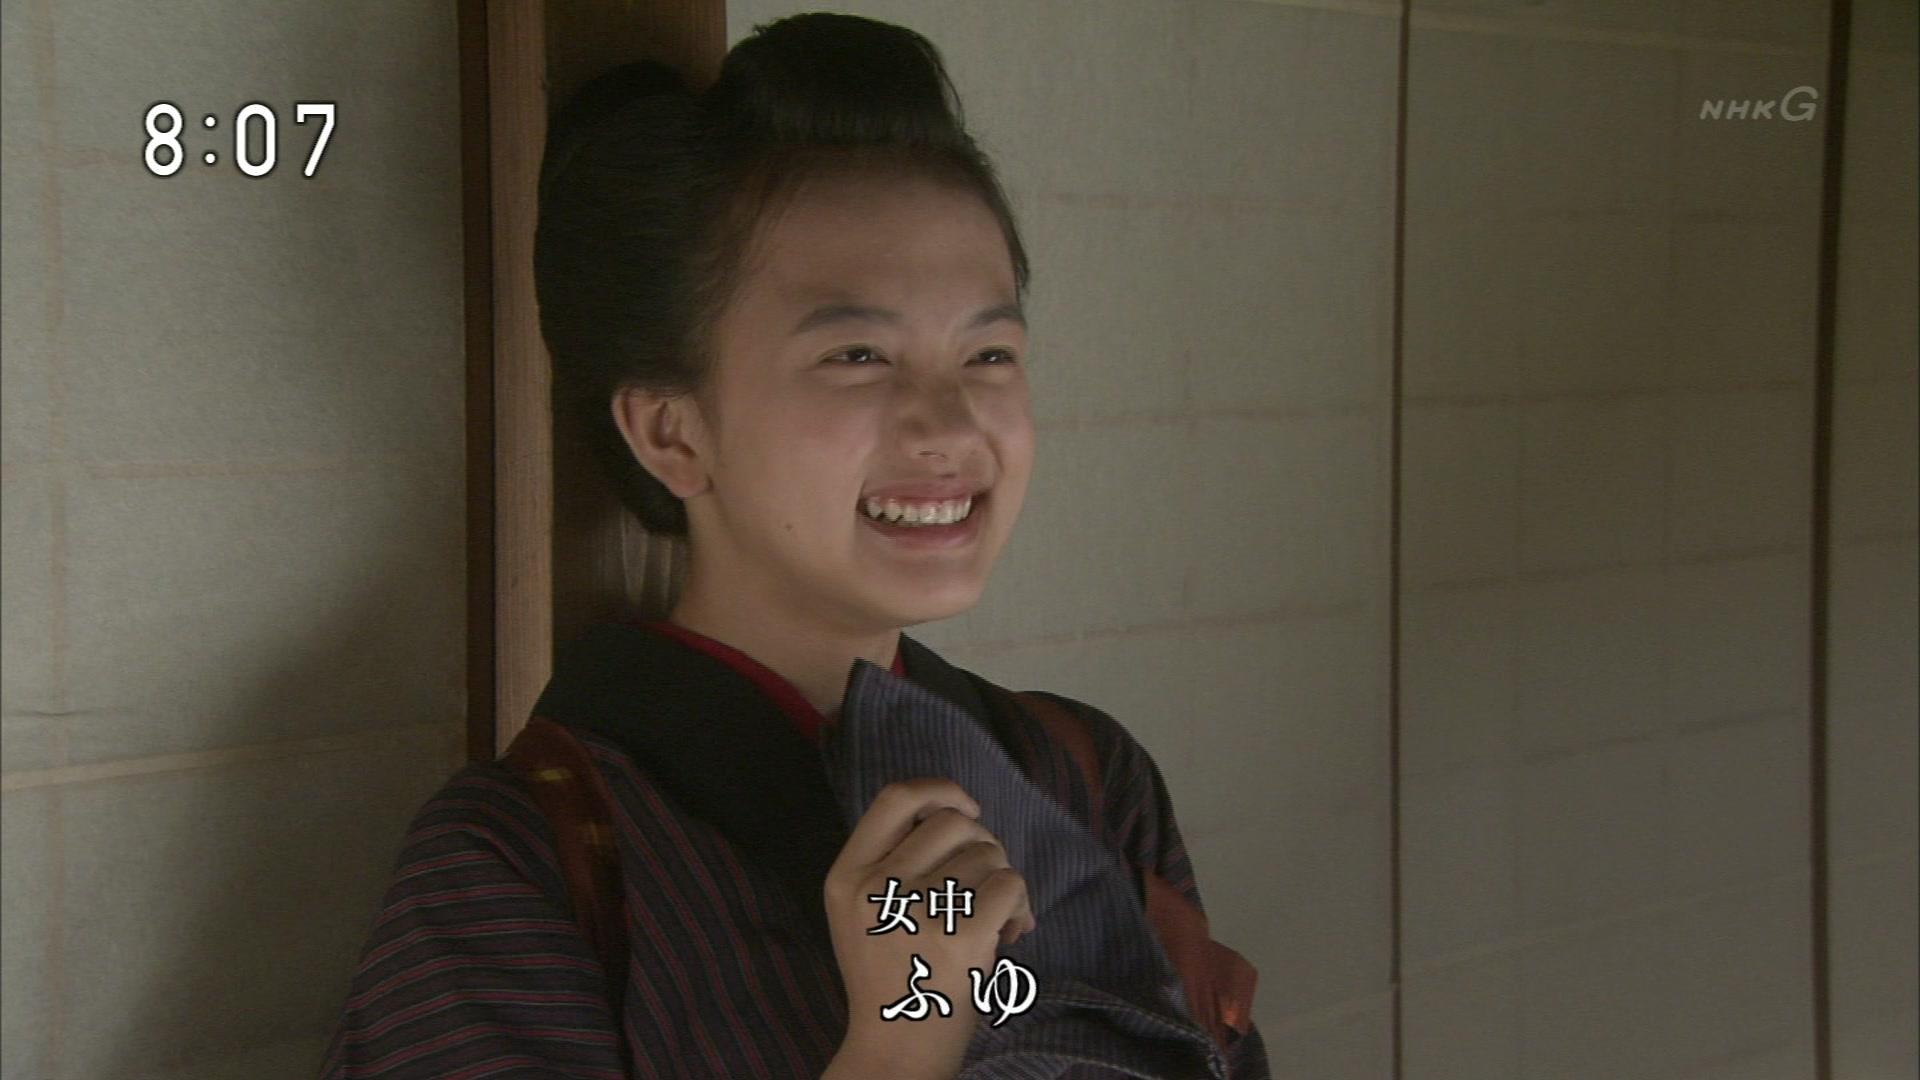 2015-10-06 08:00 連続テレビ小説 あさが来た(8)「ふたつの花びら」 1432